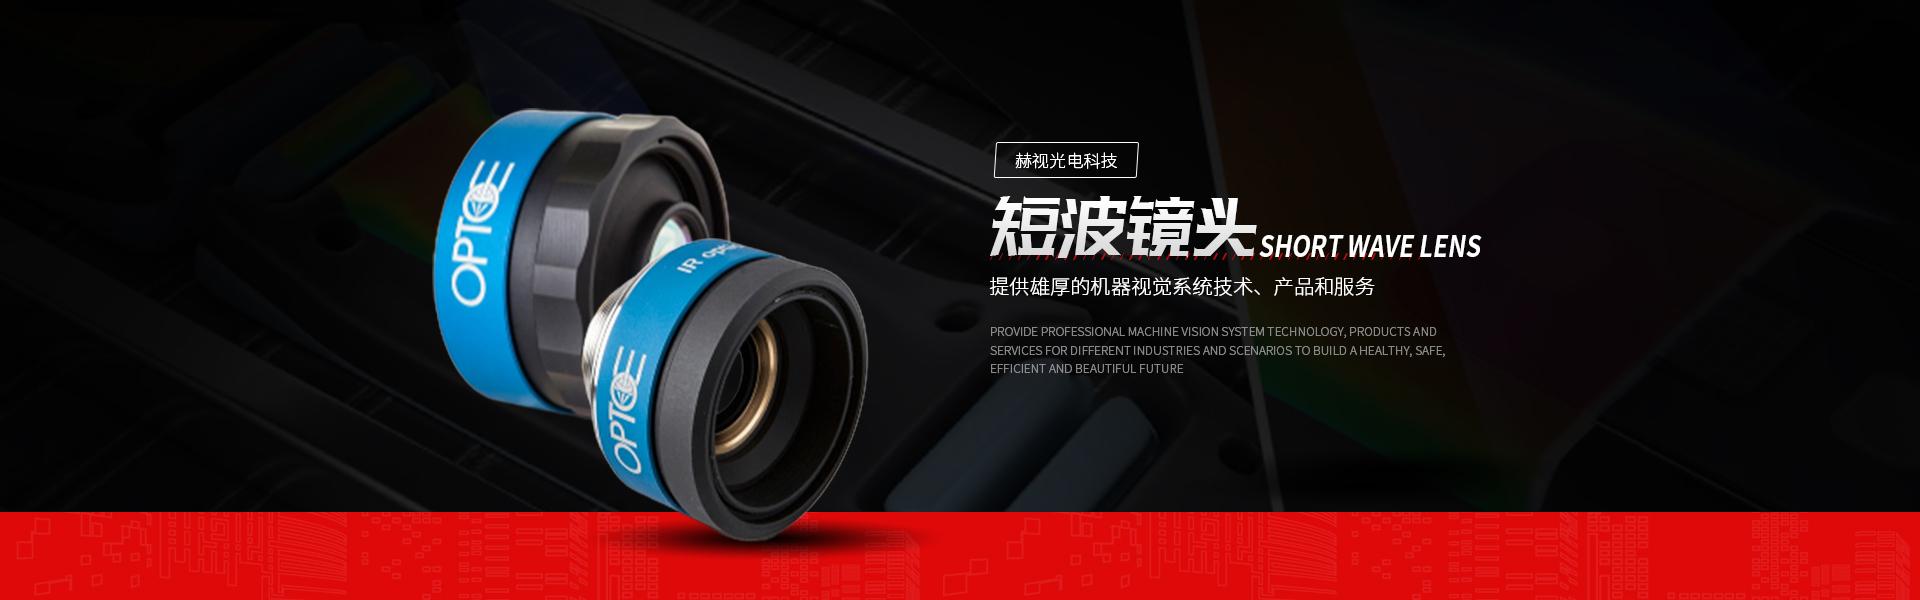 上海赫视光电科技有限公司